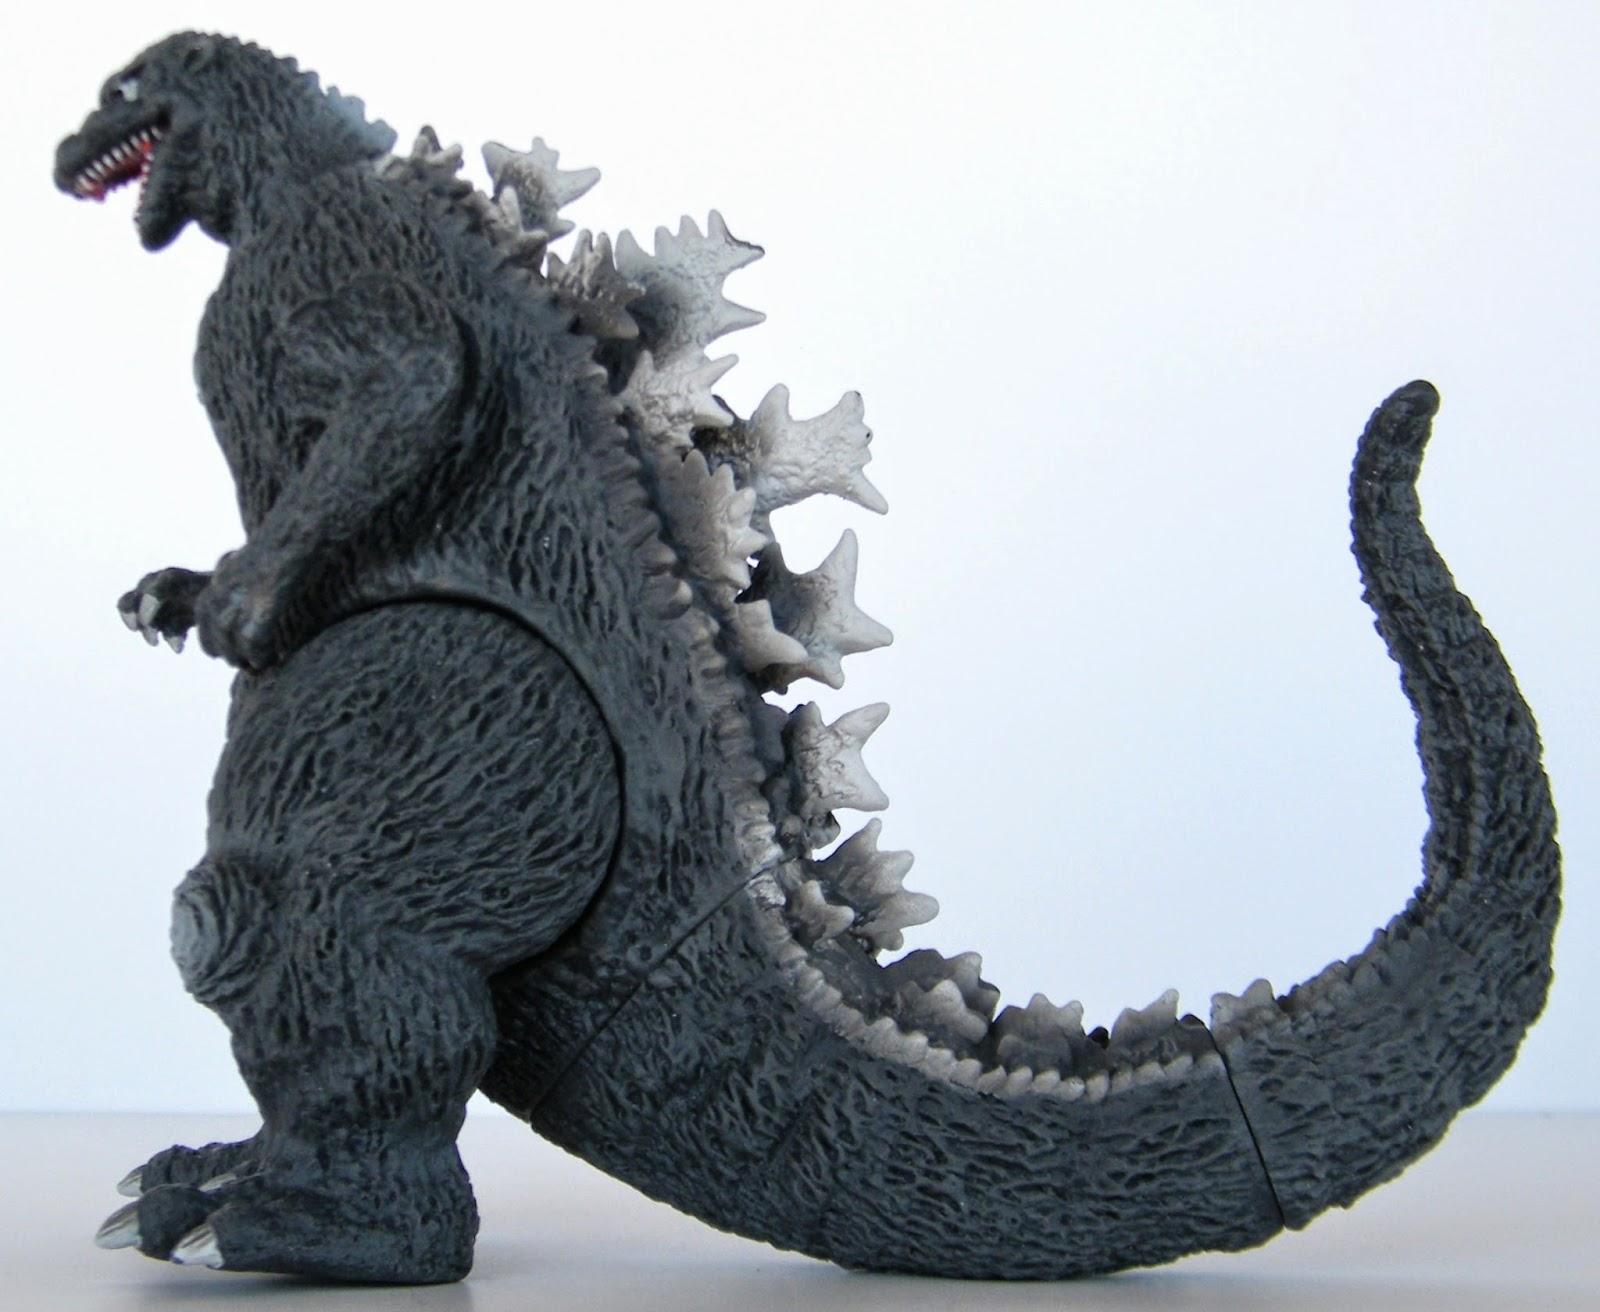 Godzilla 1993 Toys Godzilla 1993 Toy | ww...